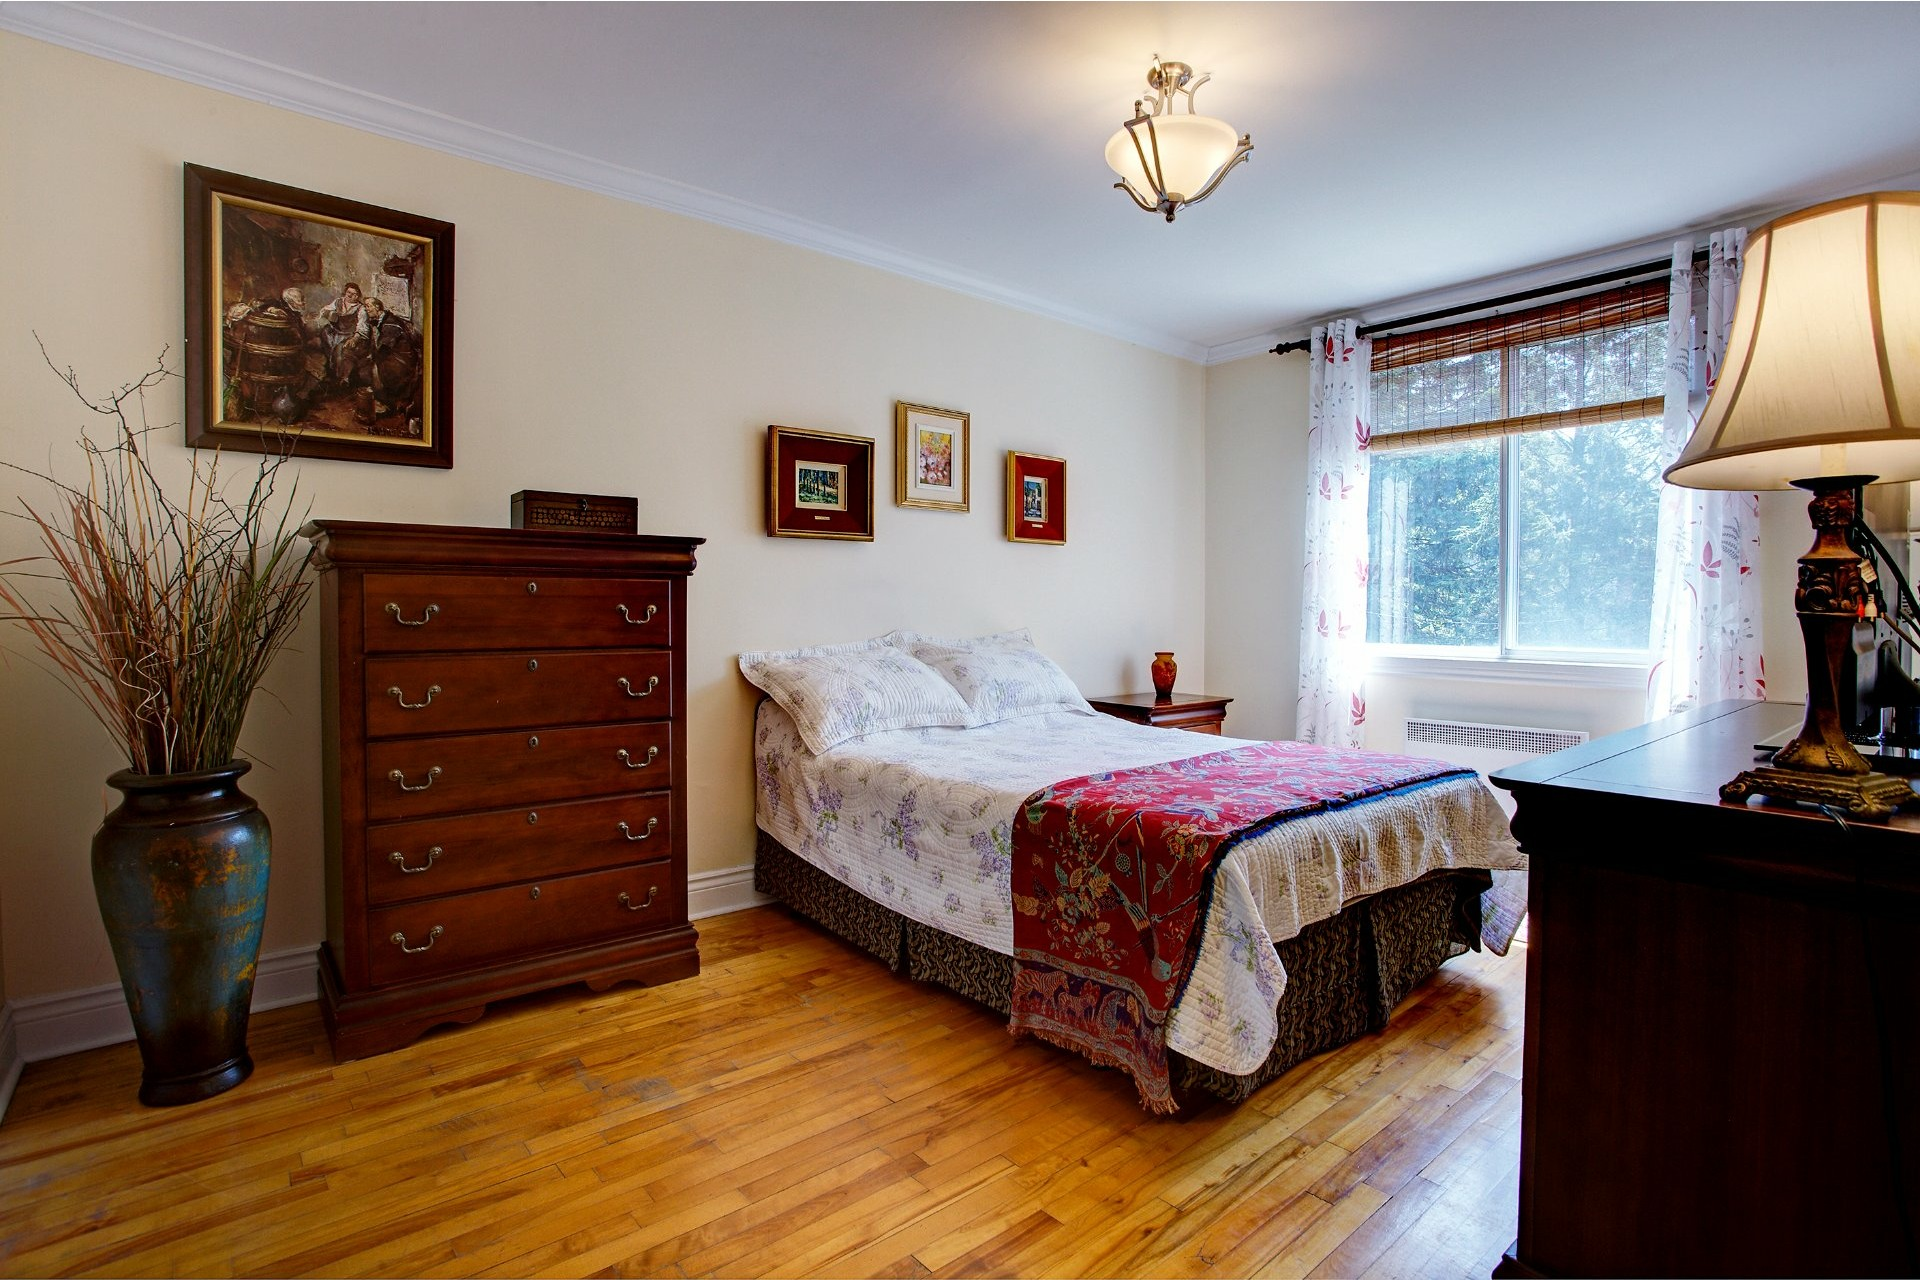 image 8 - Duplex En venta Montréal Côte-des-Neiges/Notre-Dame-de-Grâce  - 5 habitaciones